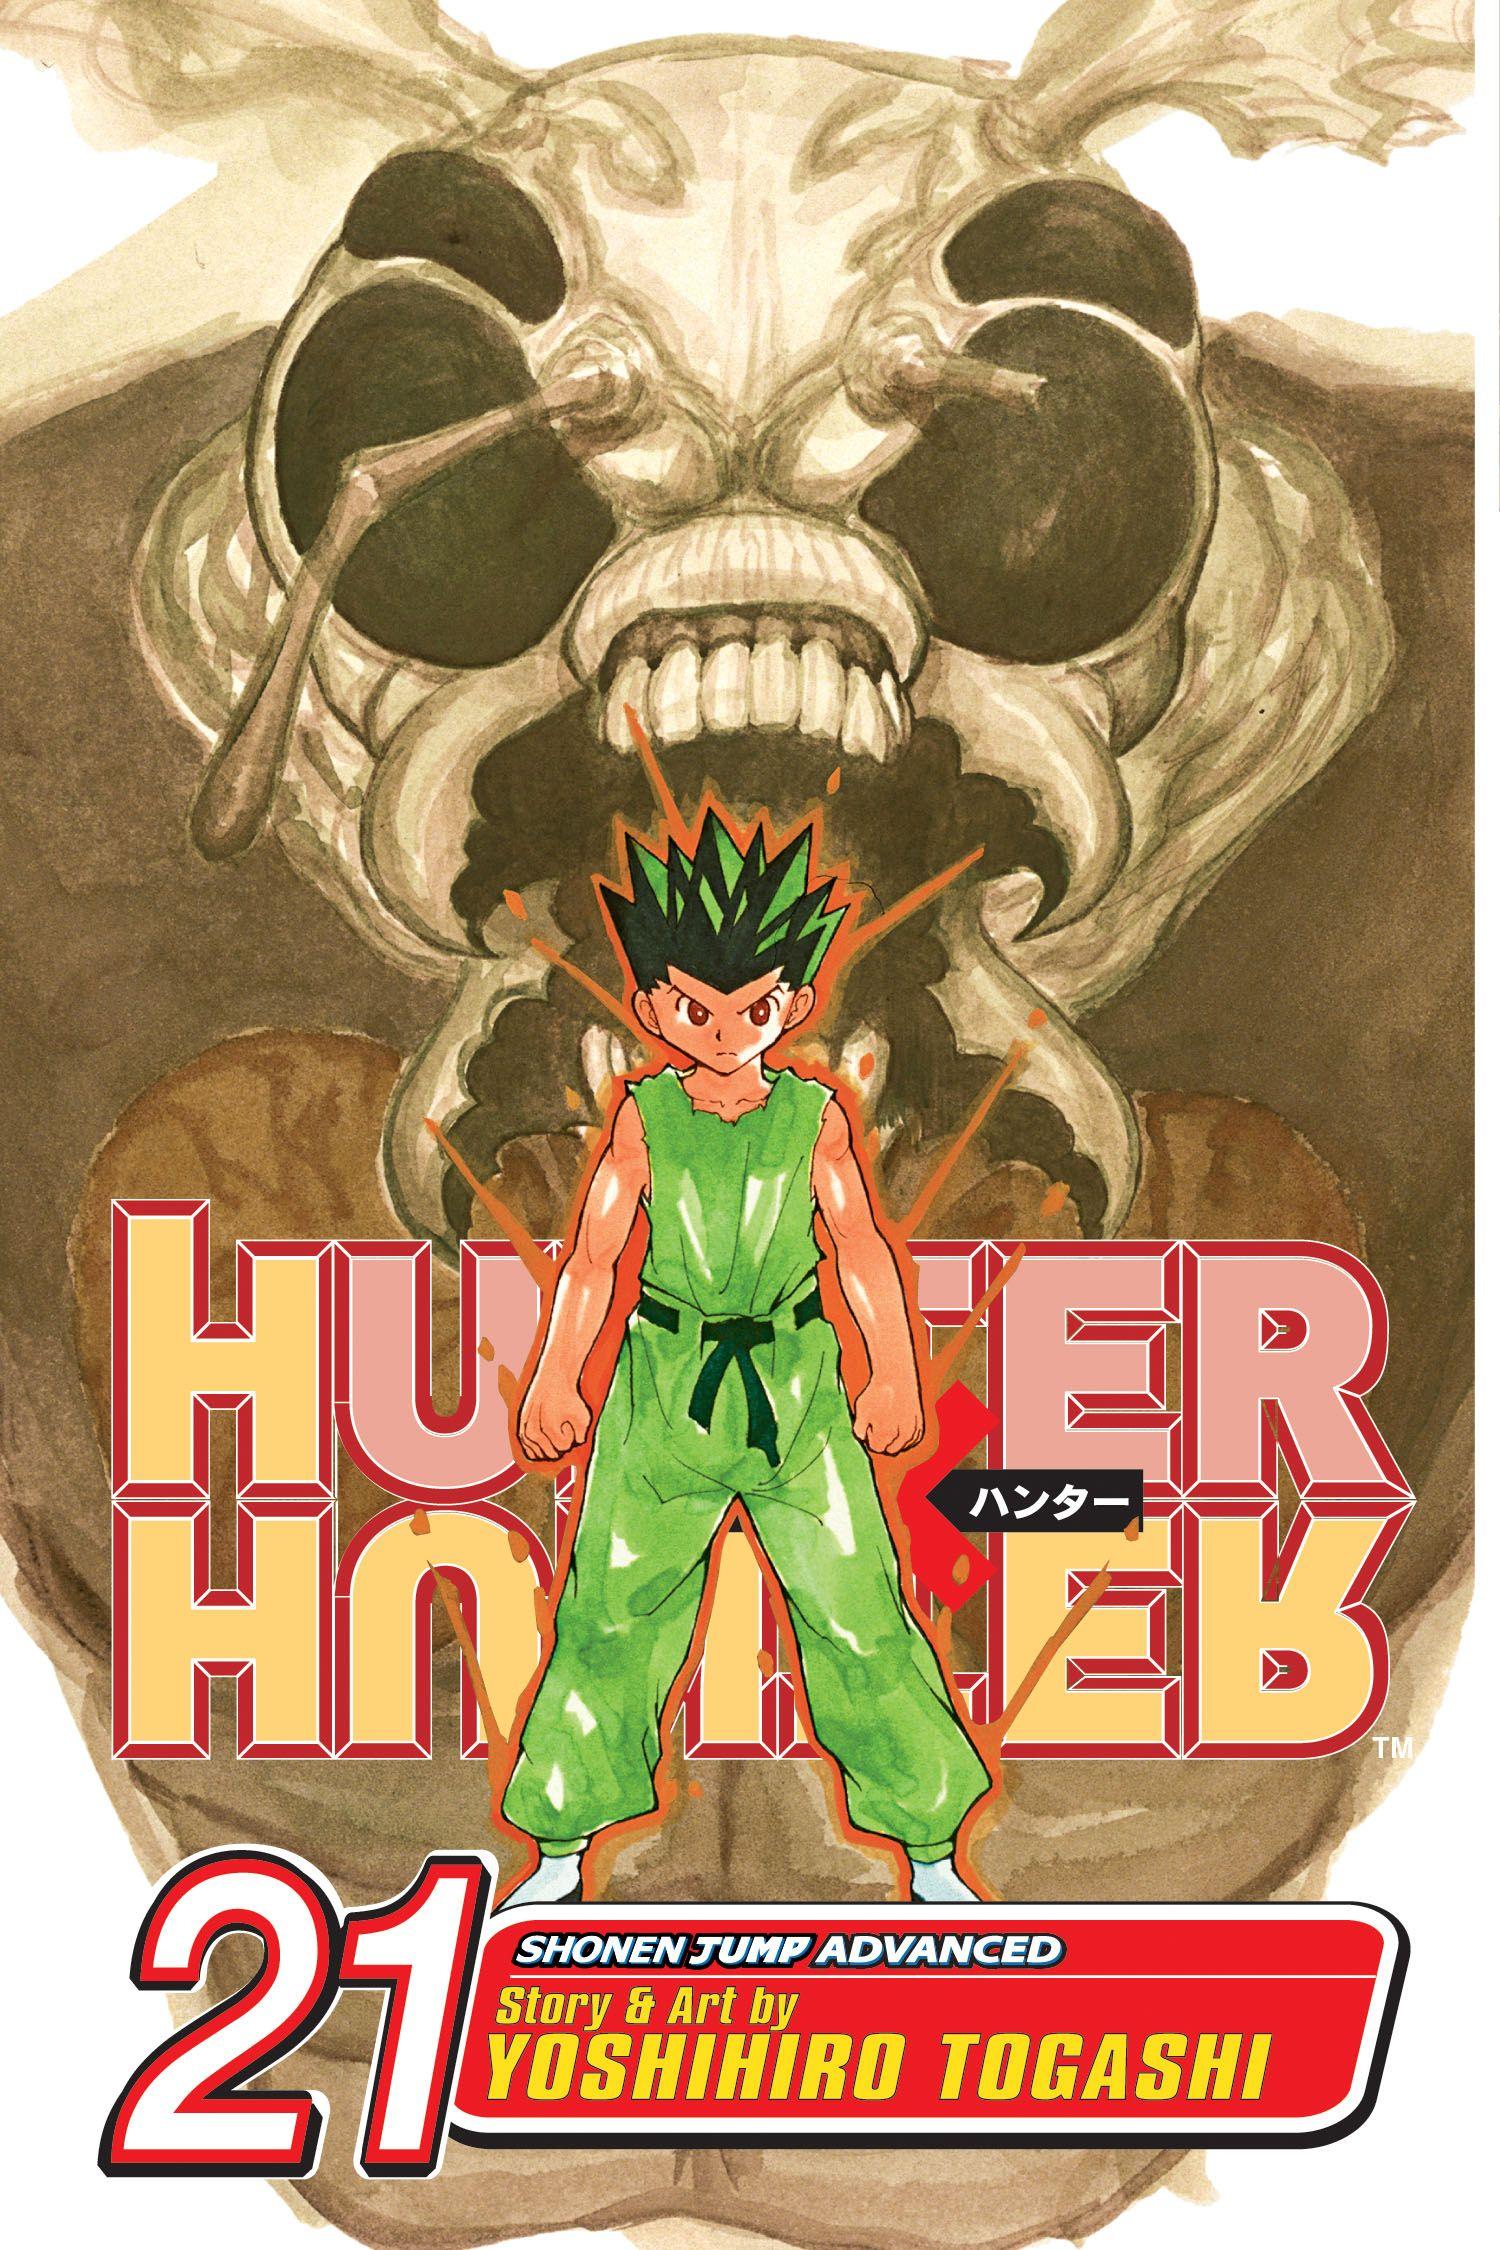 Image result for hunter x hunter cover | Manga Covers | Pinterest ...